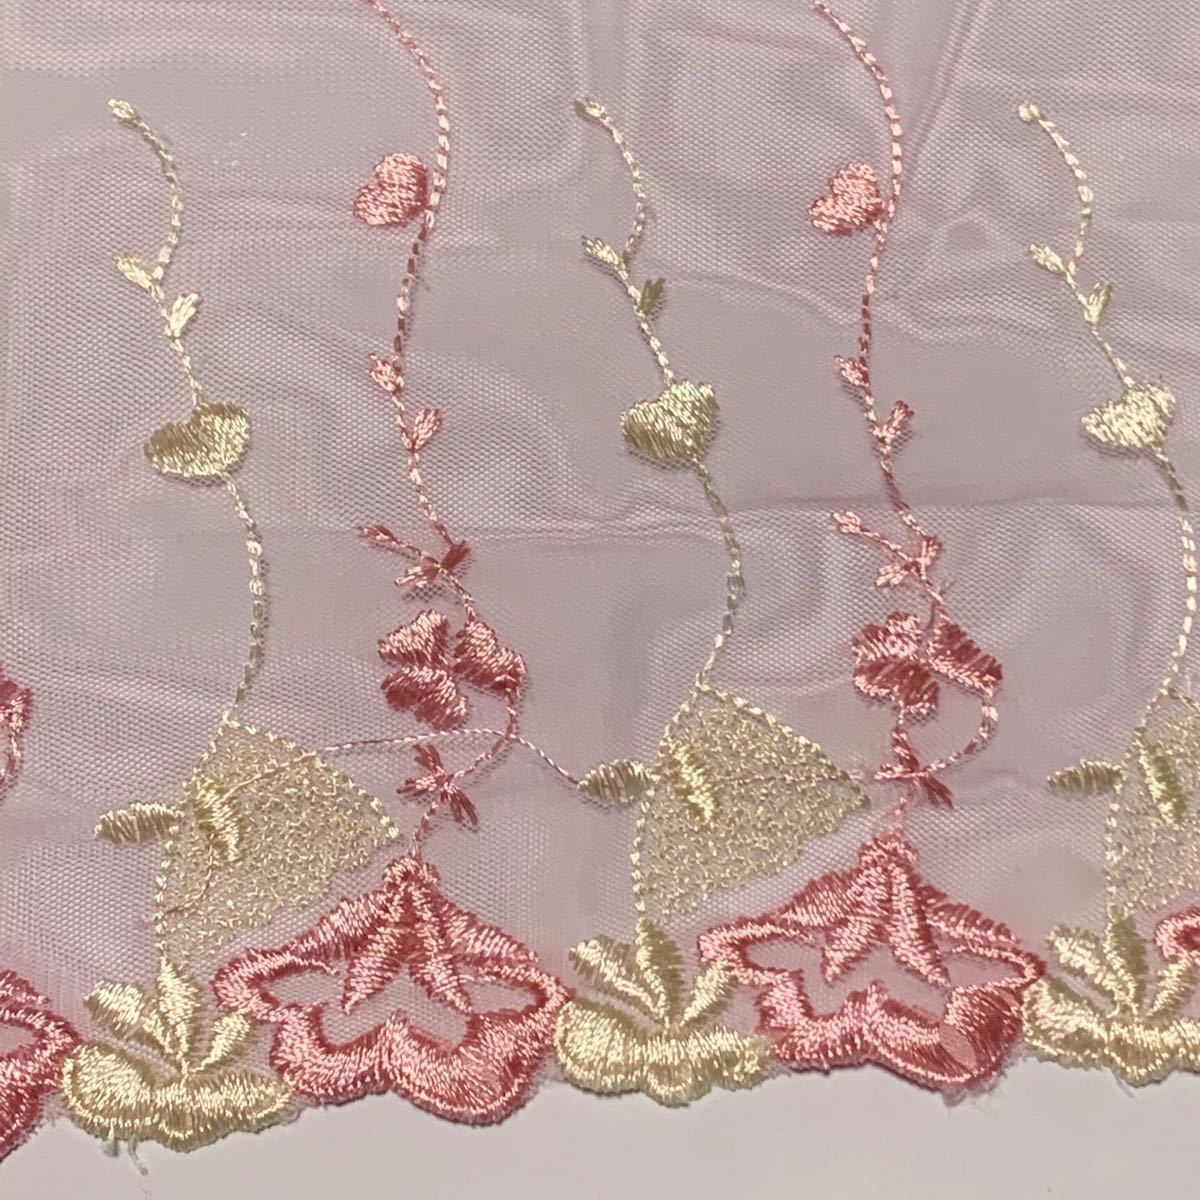 刺繍レース  チュールレース  ピンク